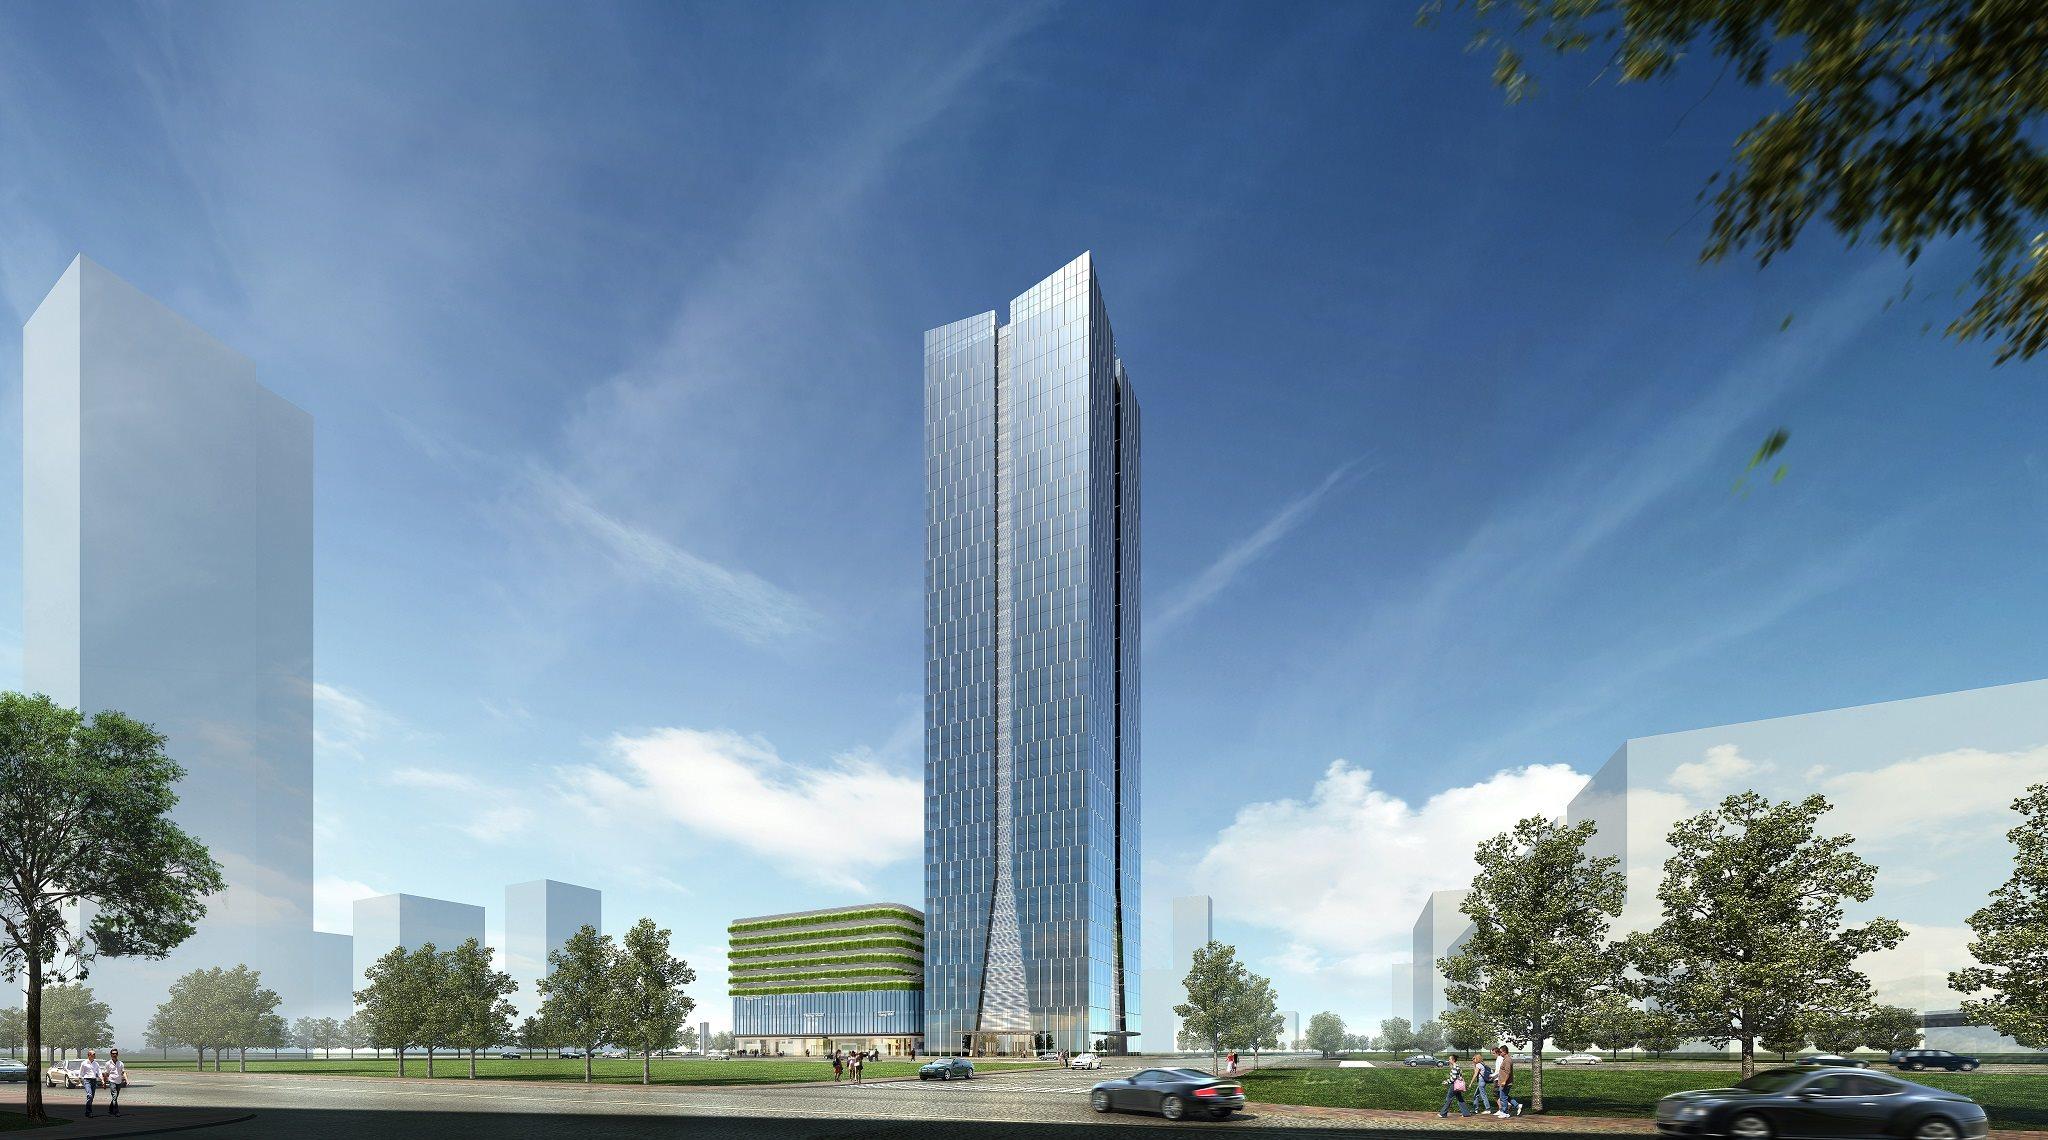 新莊國際創新園區 打造高端服務產業空間(施工中)